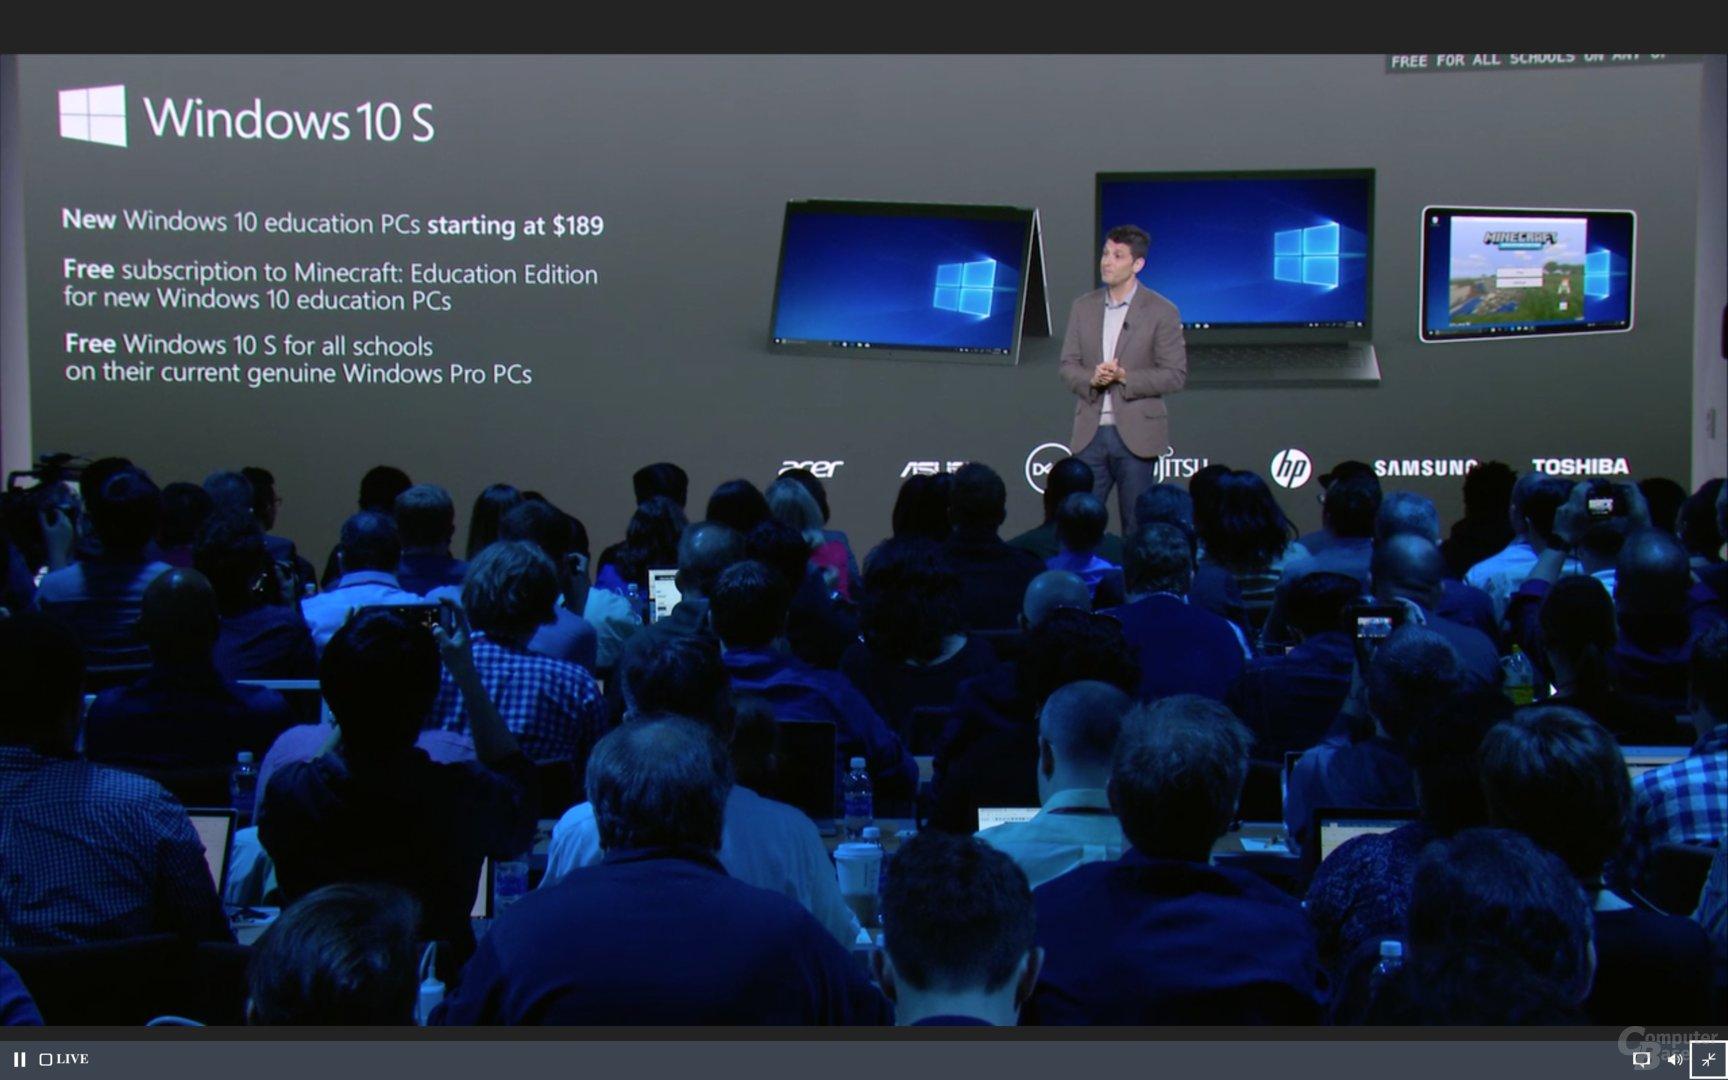 Erste Rechner mit Windows 10 S ab 189 USD ab diesem Sommer